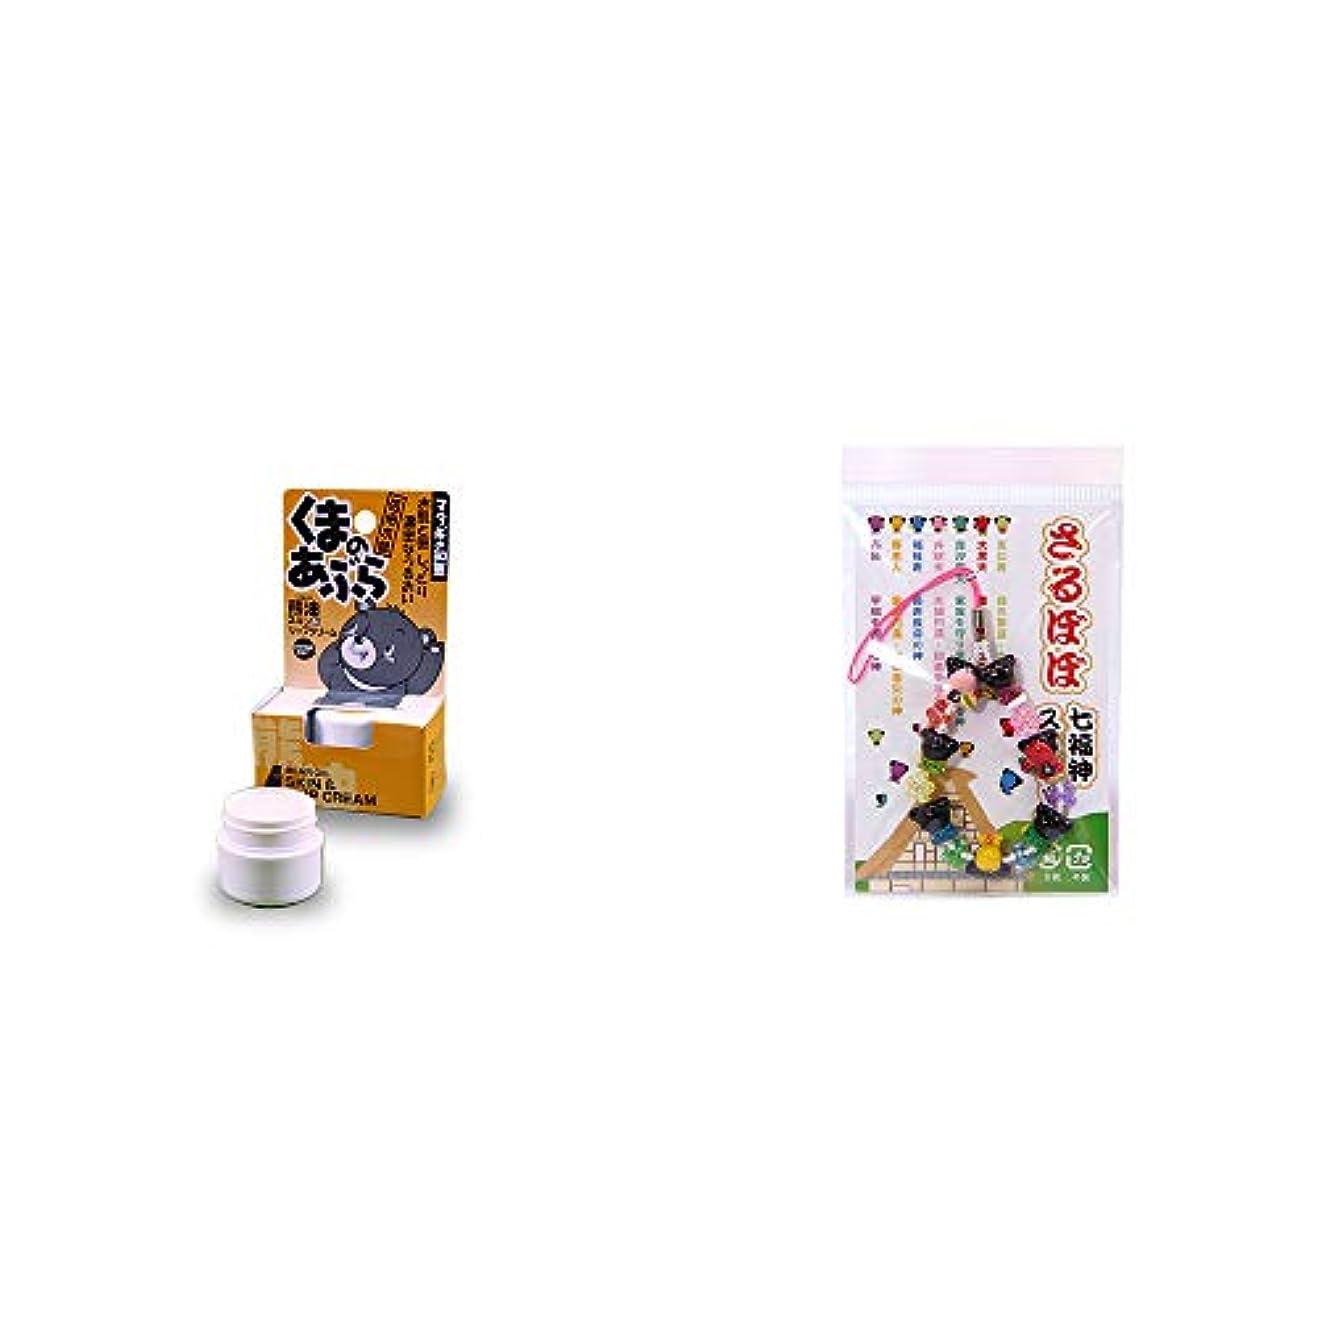 どちらもつかの間デコレーション[2点セット] 信州木曽 くまのあぶら 熊油スキン&リップクリーム(9g)?さるぼぼ七福神ストラップ/縁結び?魔除け //